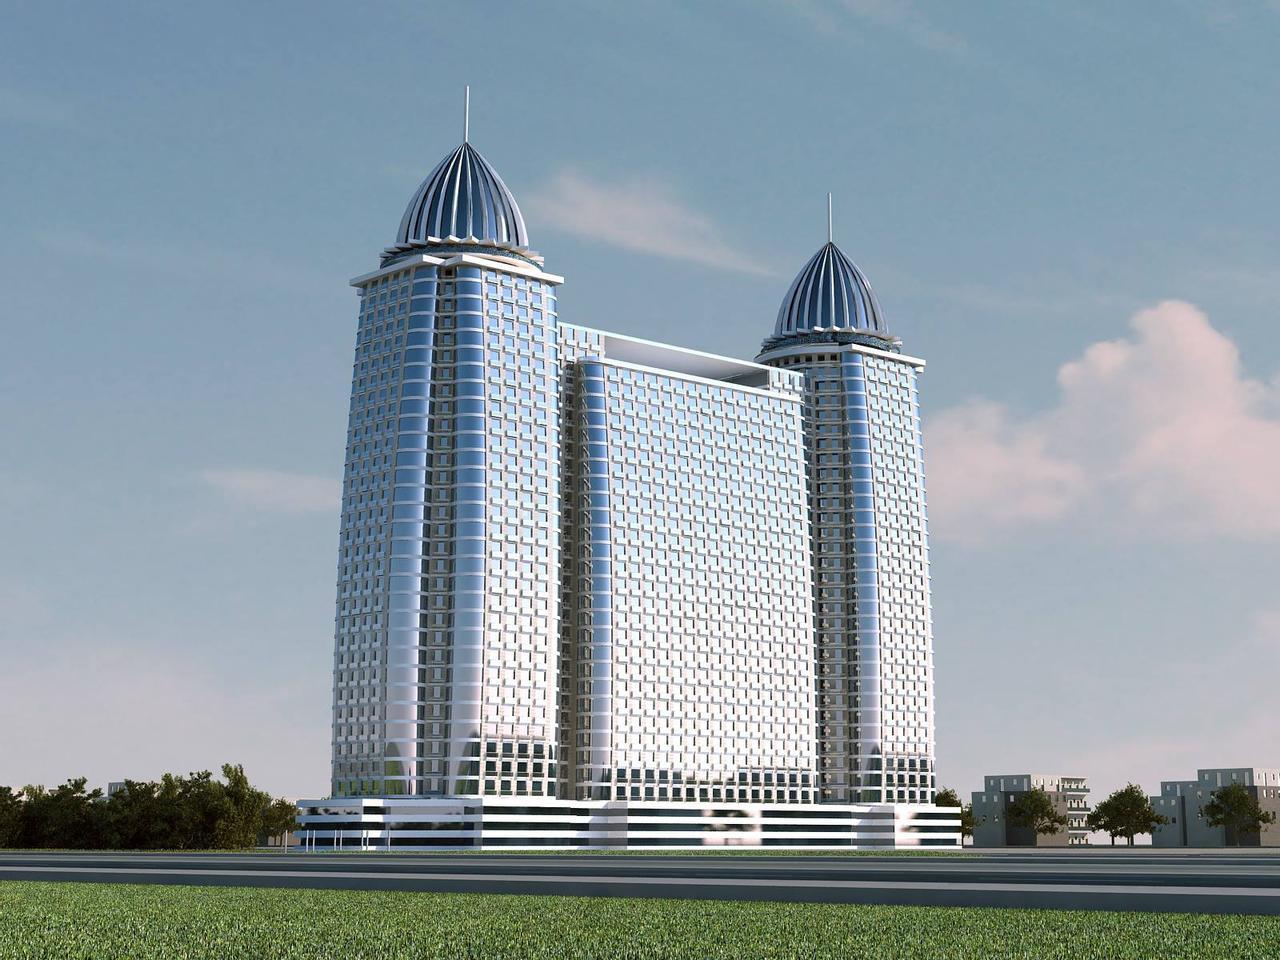 По технологии «Панельный монолит», компании «Dahir Insaat», можно построить миллионы разных домов